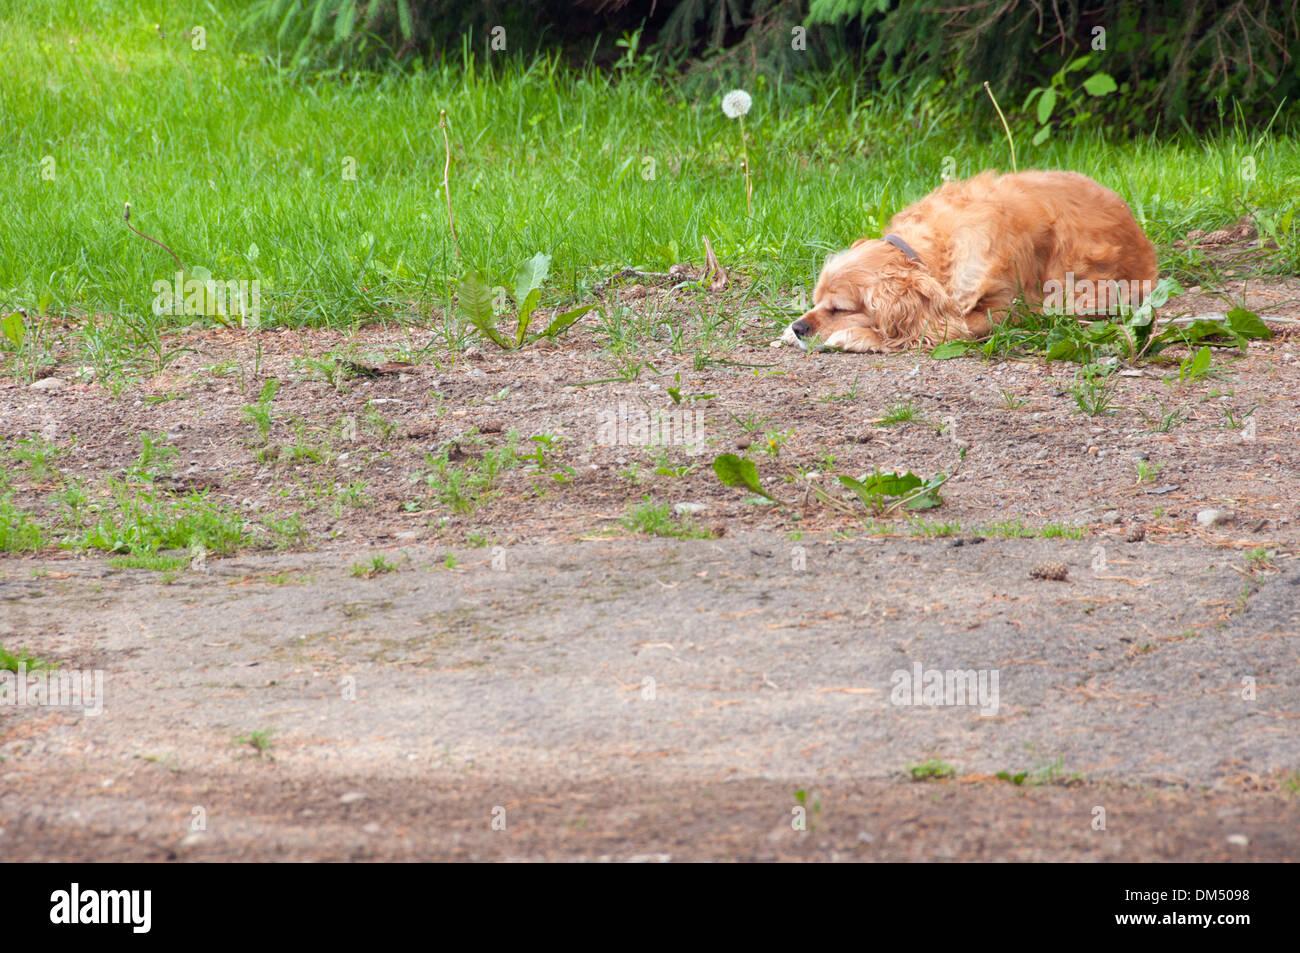 Dog sleeping in a garden - Stock Image